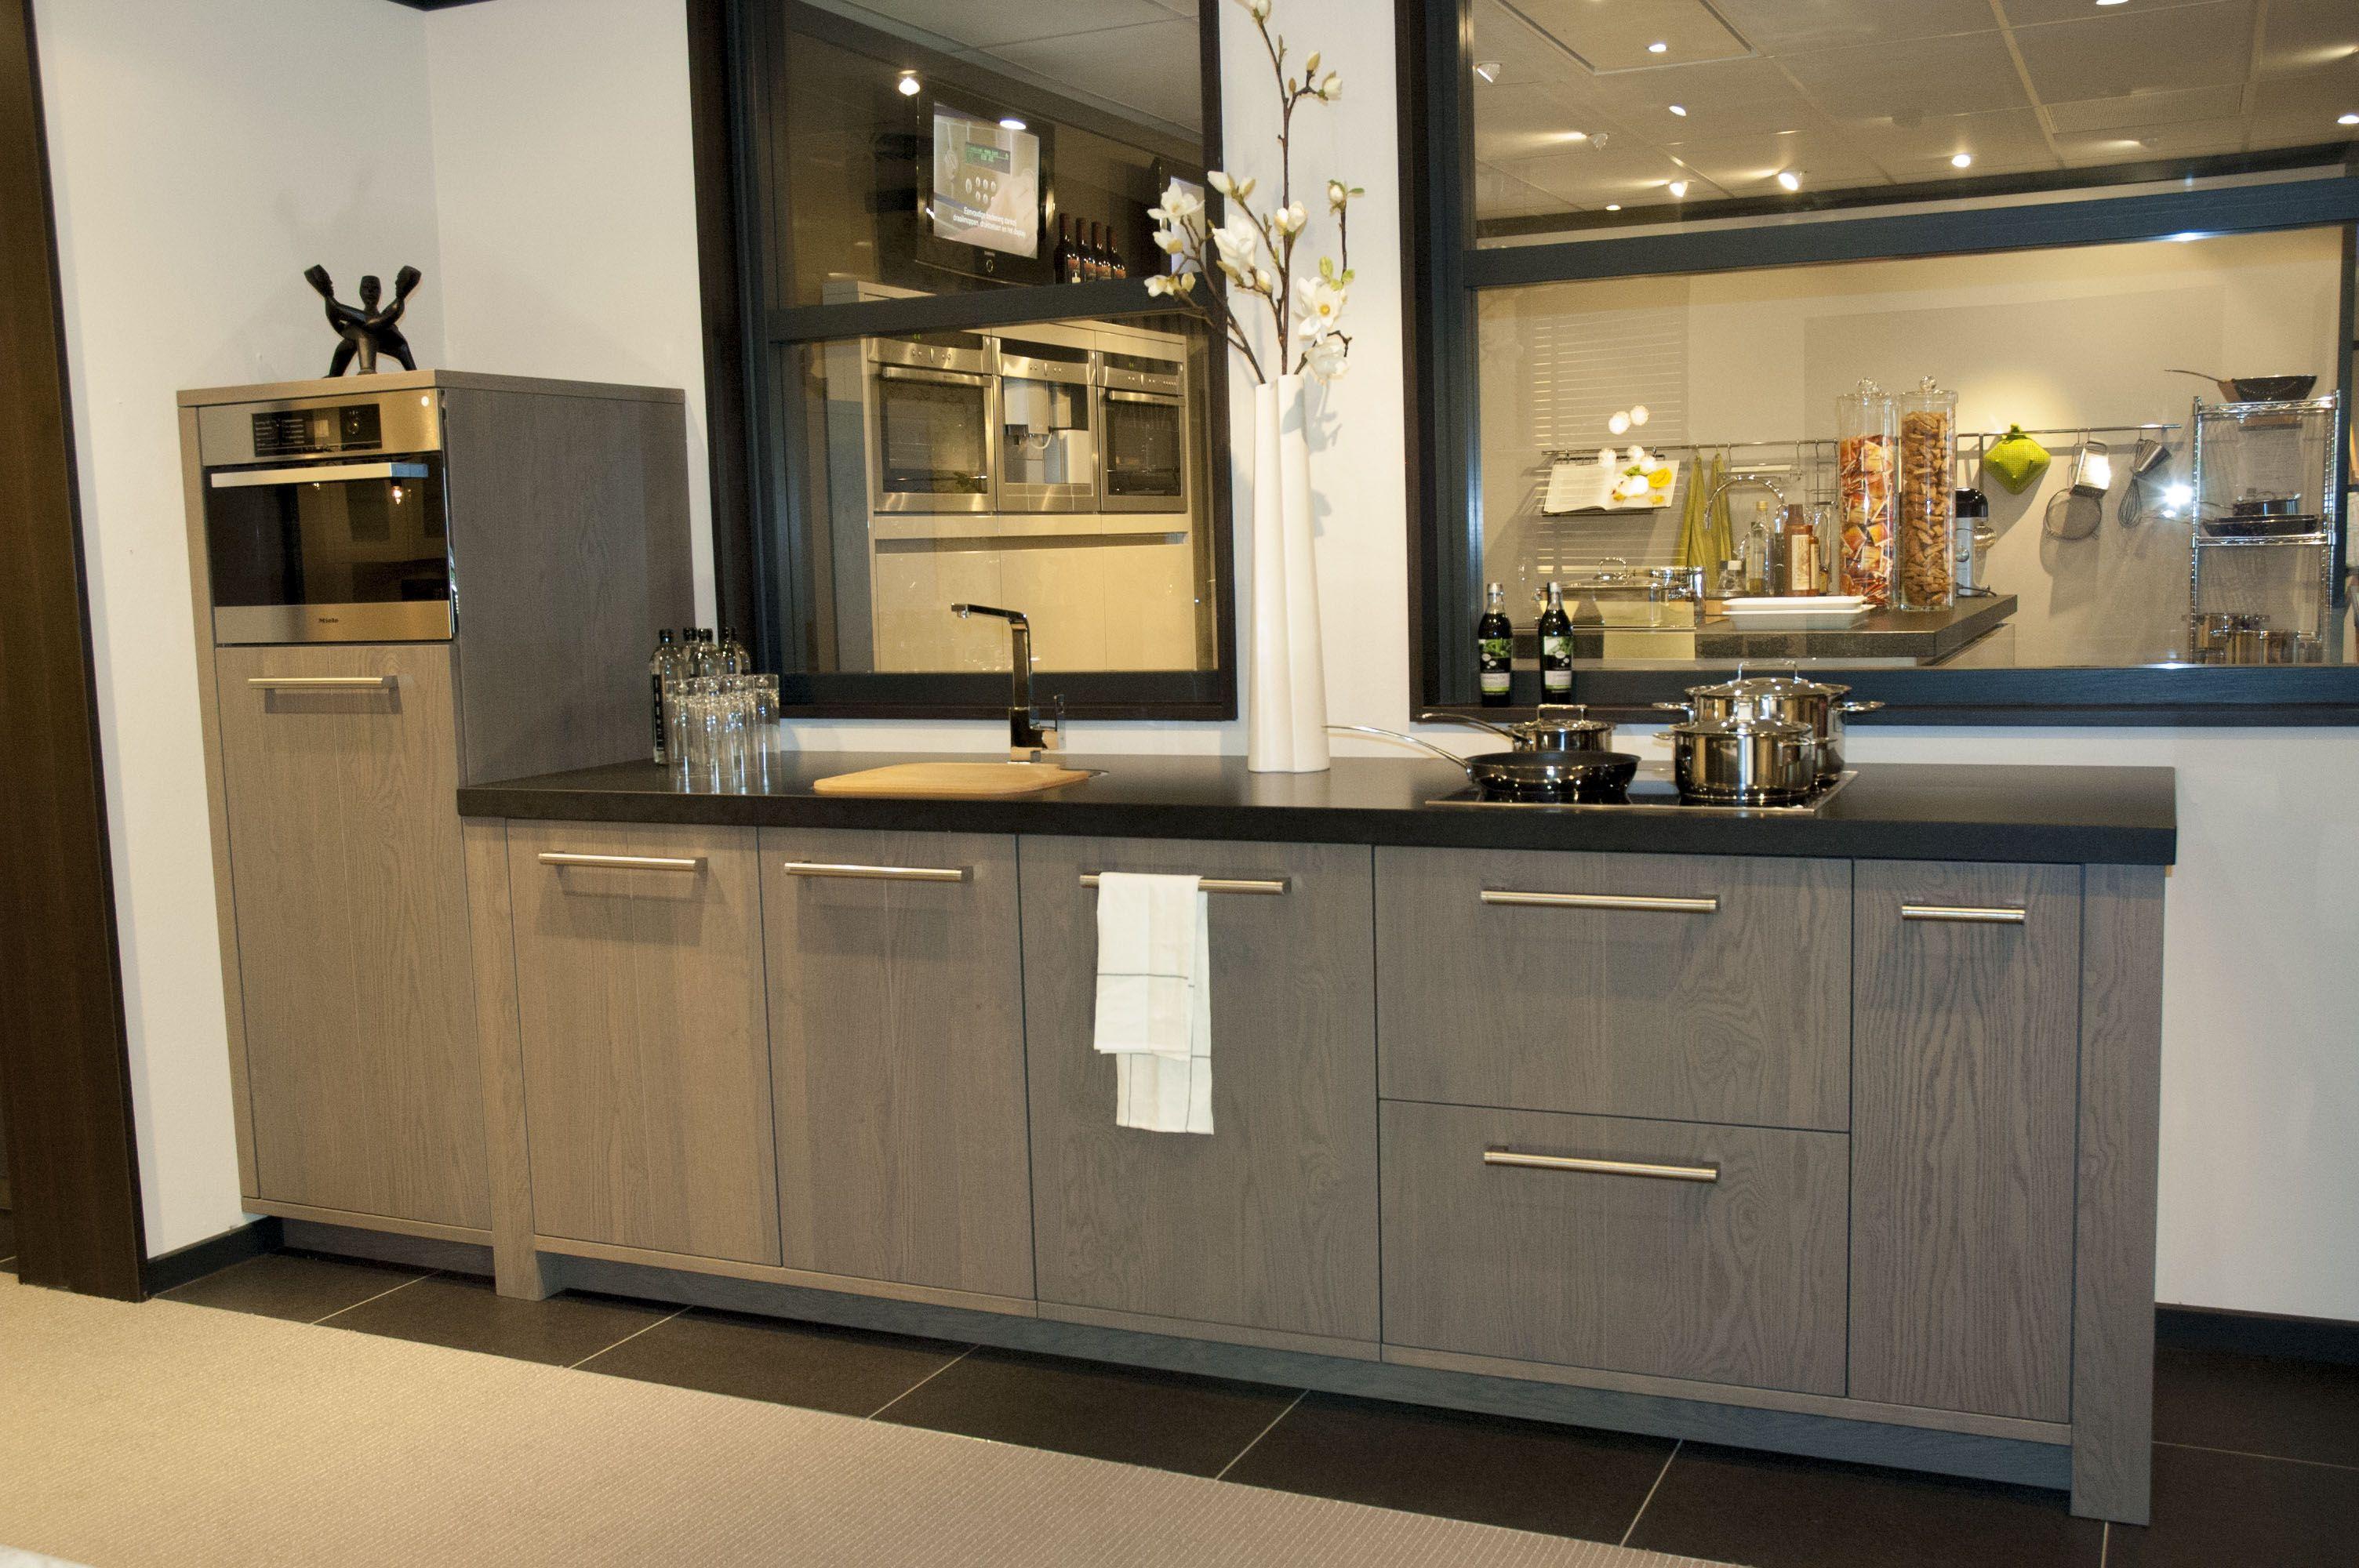 Stoere Keuken Grey : Showroomkeukens alle showroomkeuken aanbiedingen uit nederland